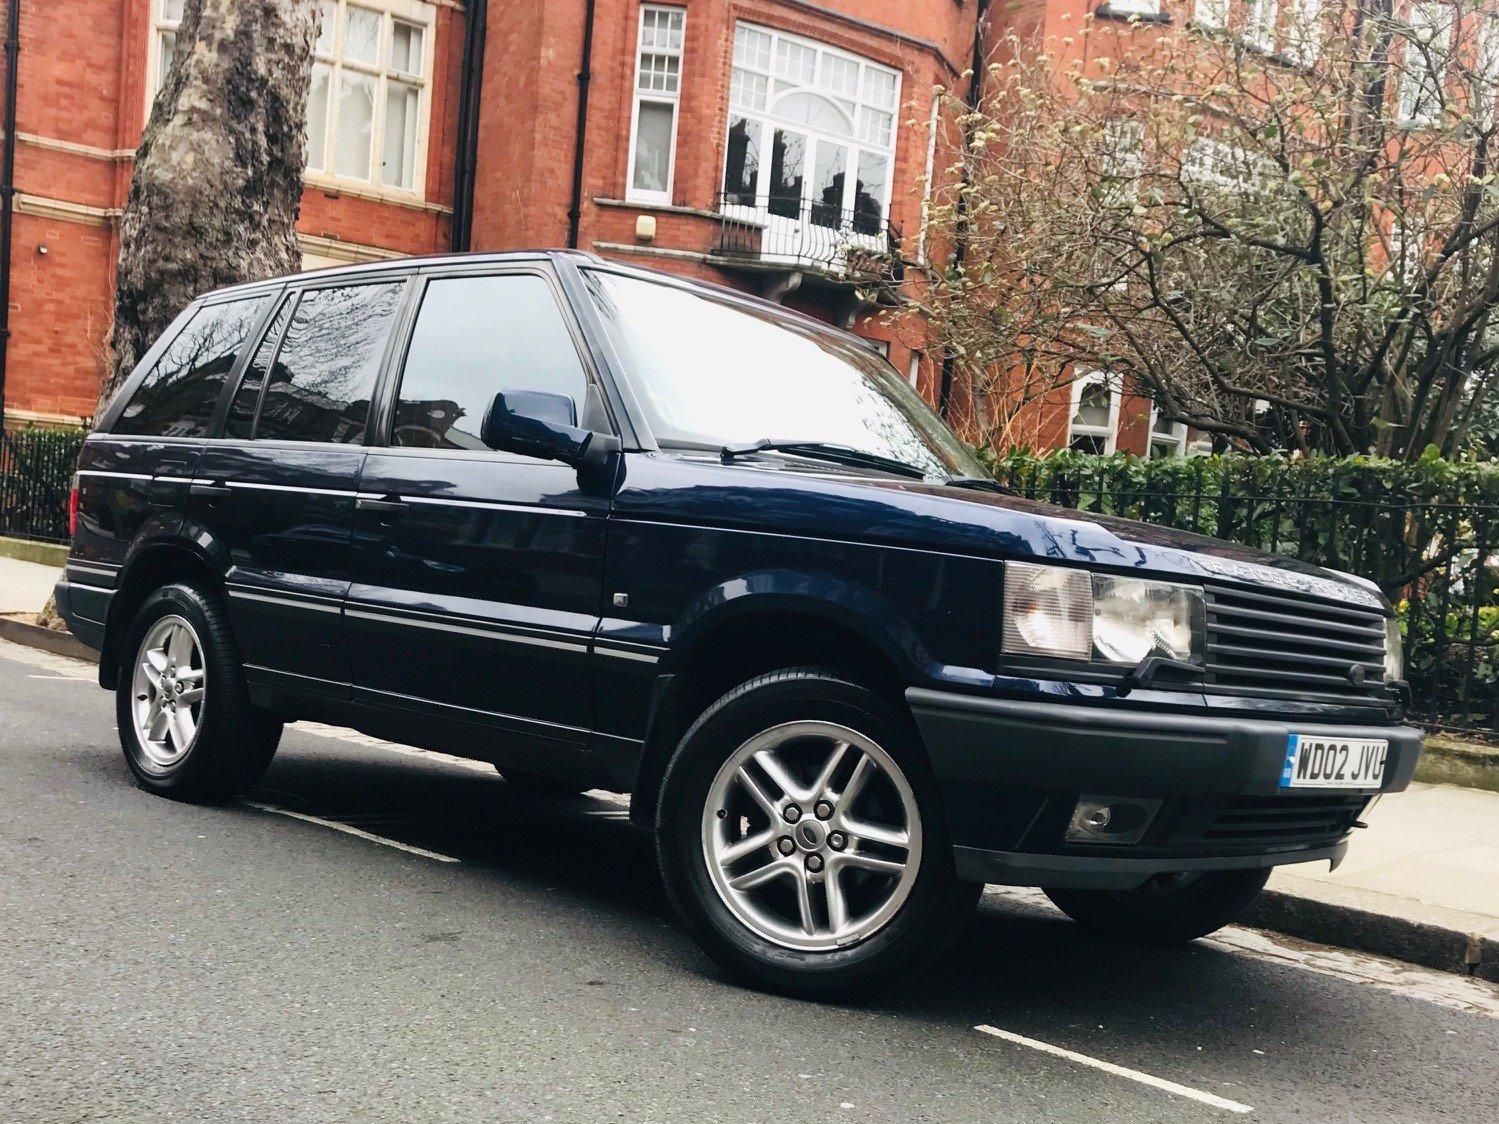 2002 Range Rover Vogue P38 83 000 Miles For Sale Car